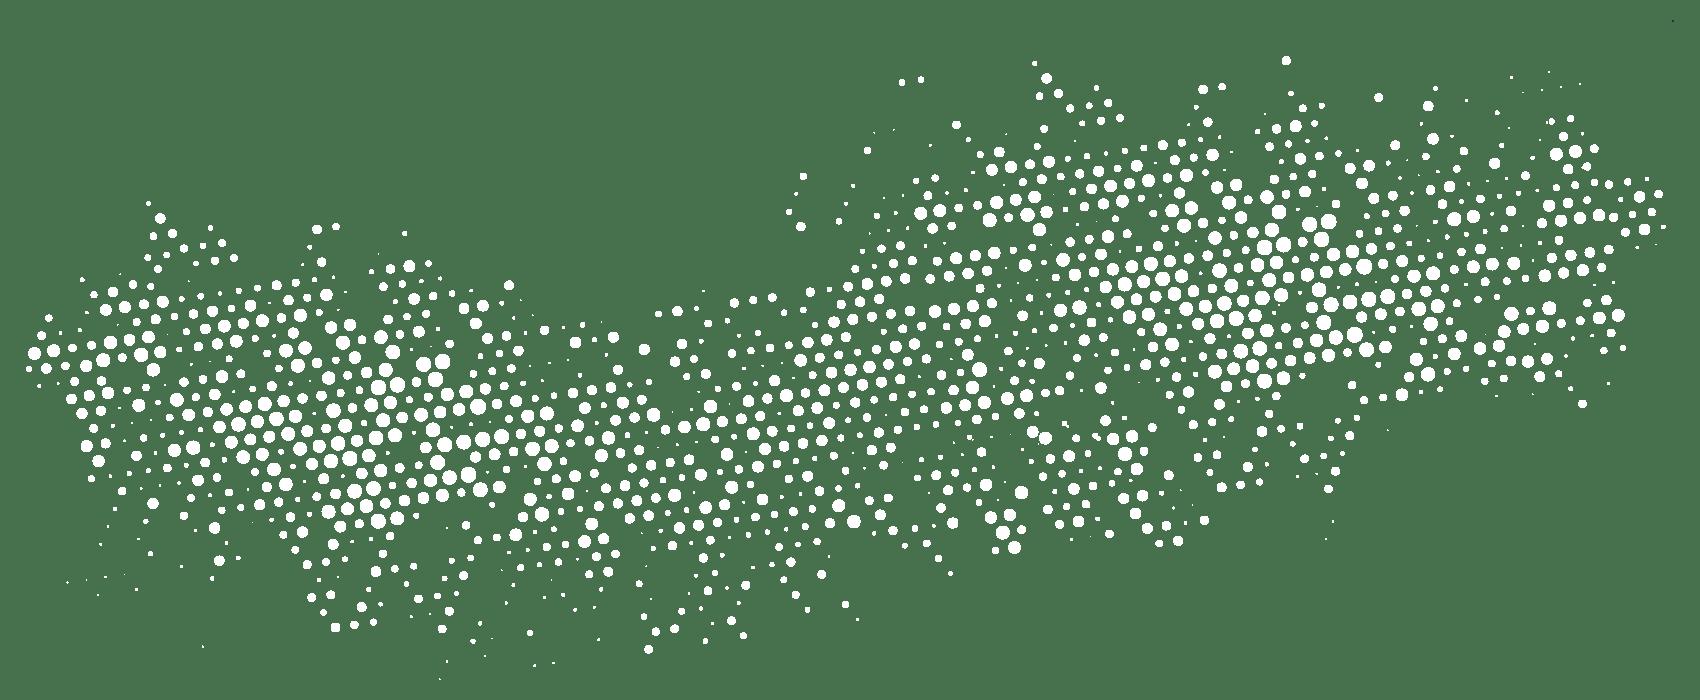 dots (Copy)